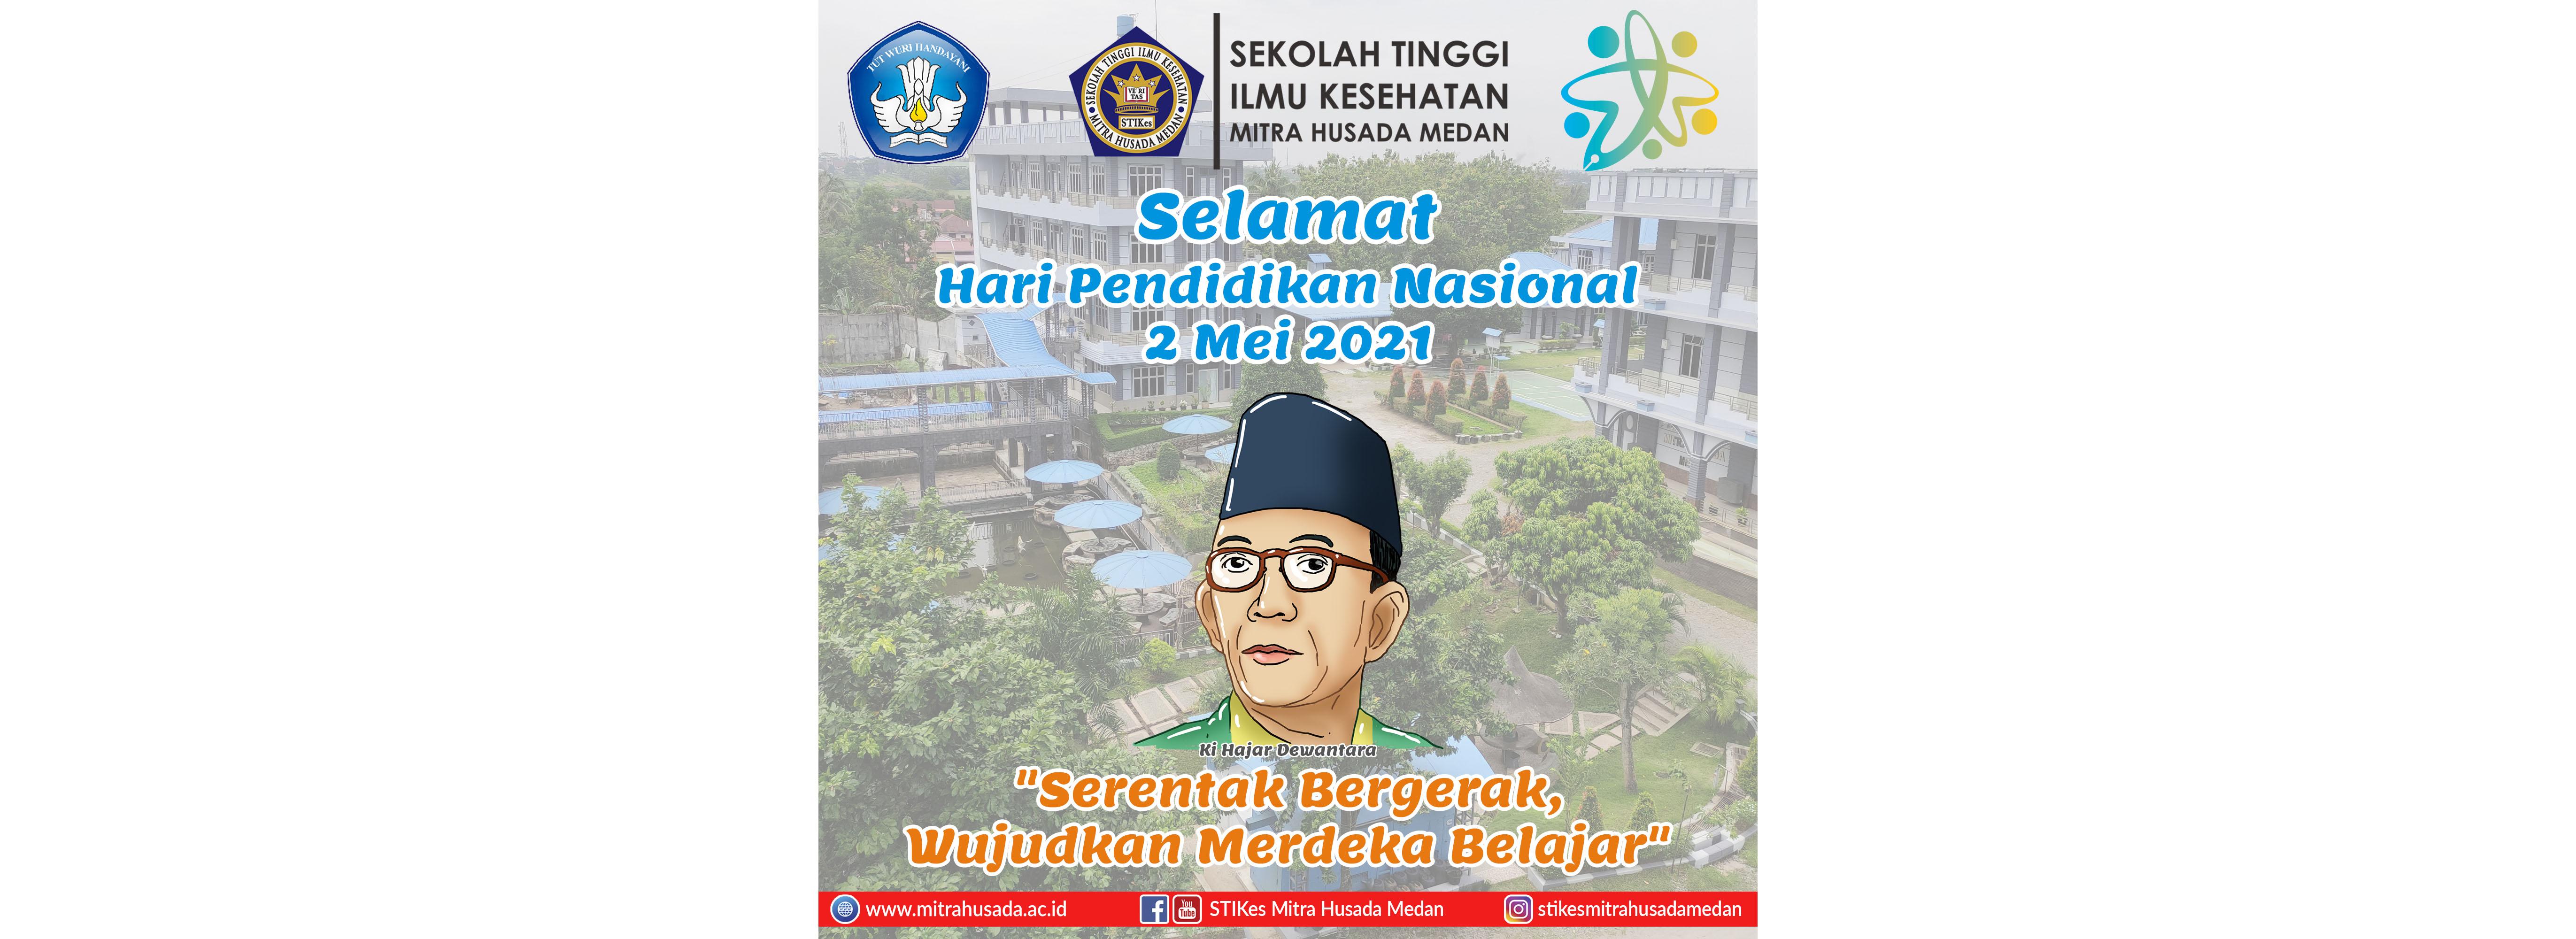 Selamat Hari Pendidikan Nasional 2 Mei 2021